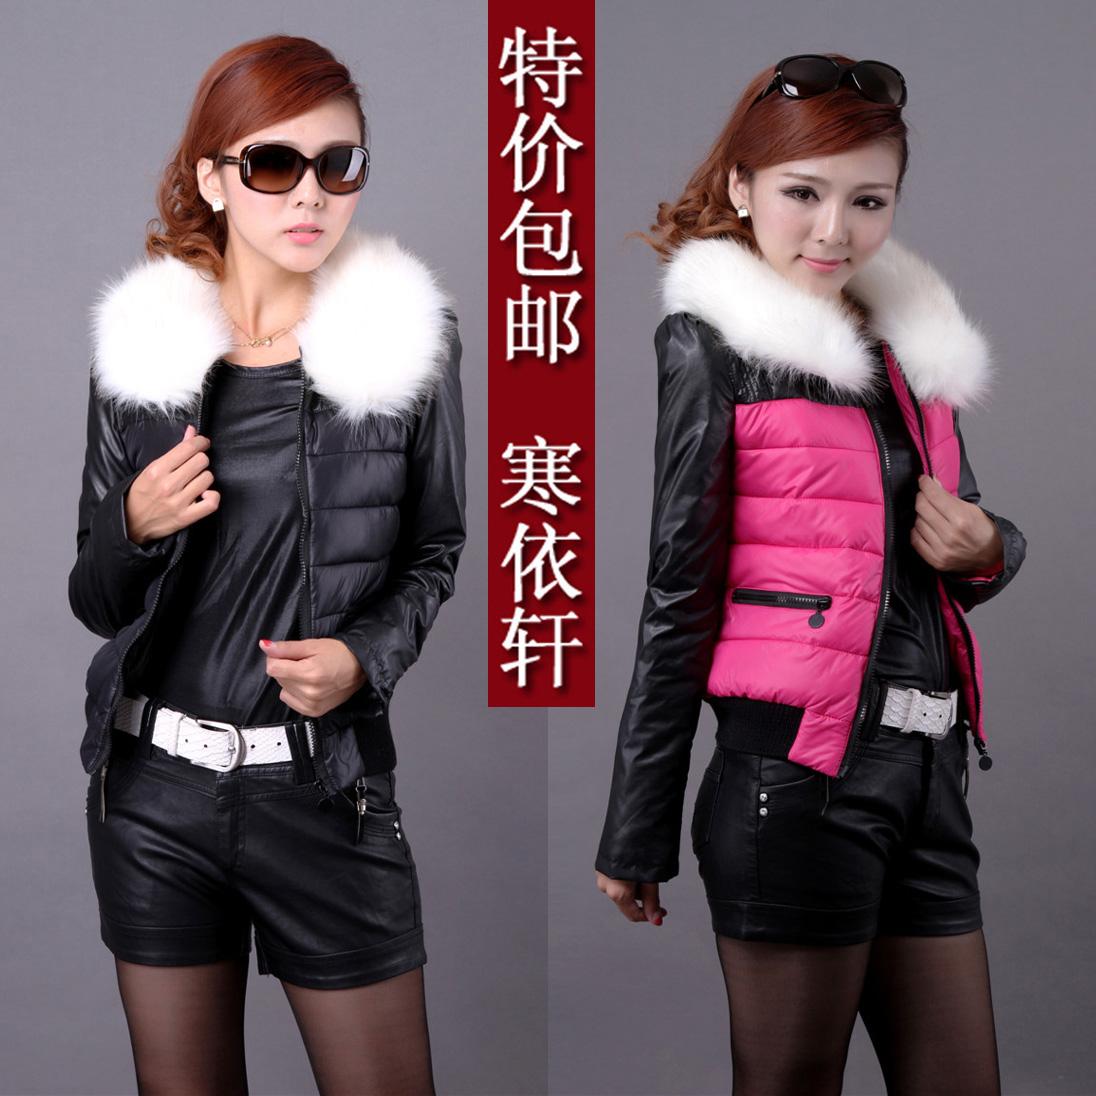 Женская утепленная куртка 2013 зимний Vero Moda новый чай брат amashi куртка мягкий слой 1539